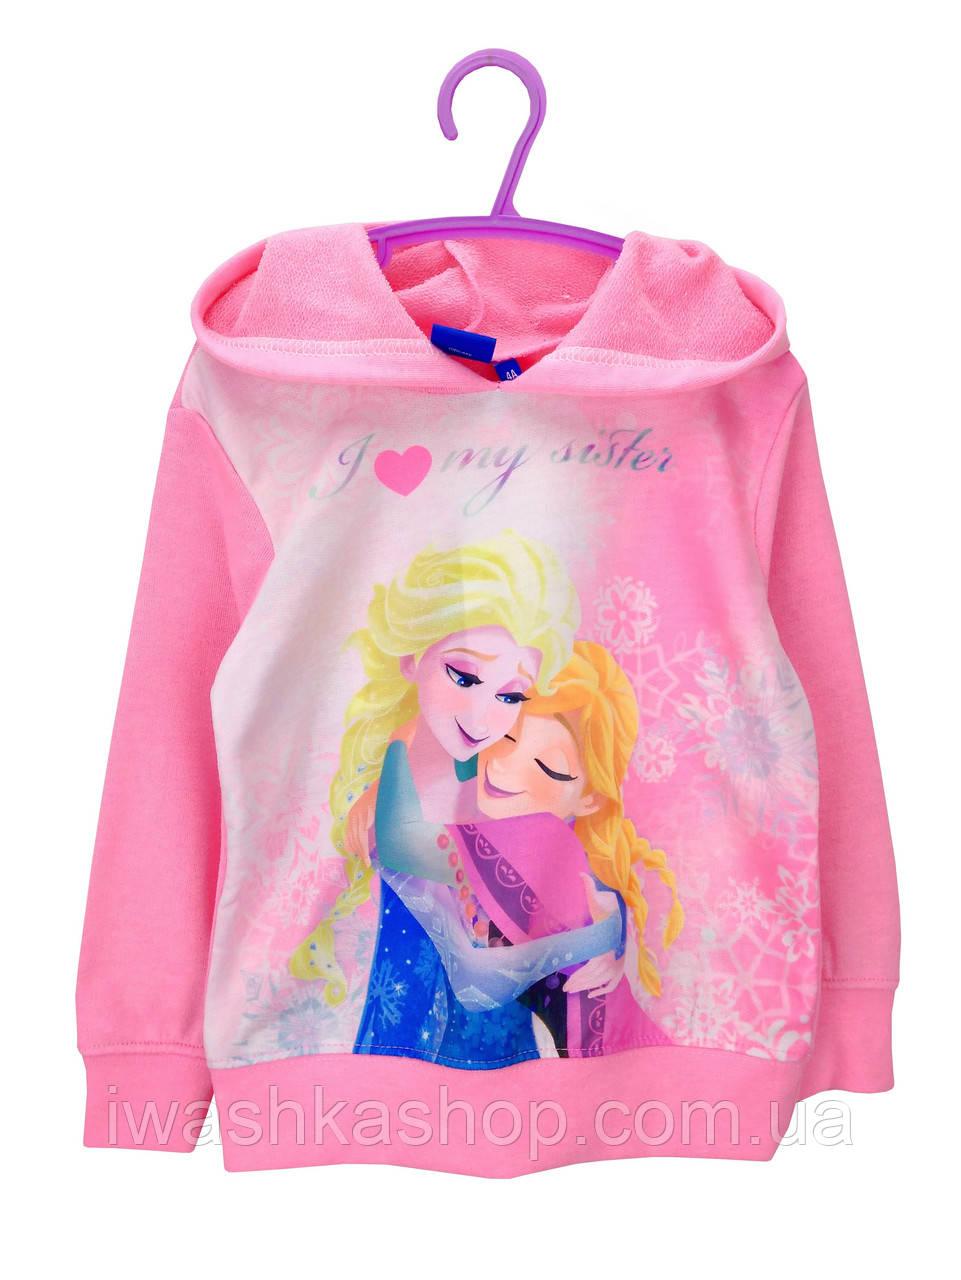 Розовая худи двунитка с Frozen на девочек 8 лет, р. 128, Disney